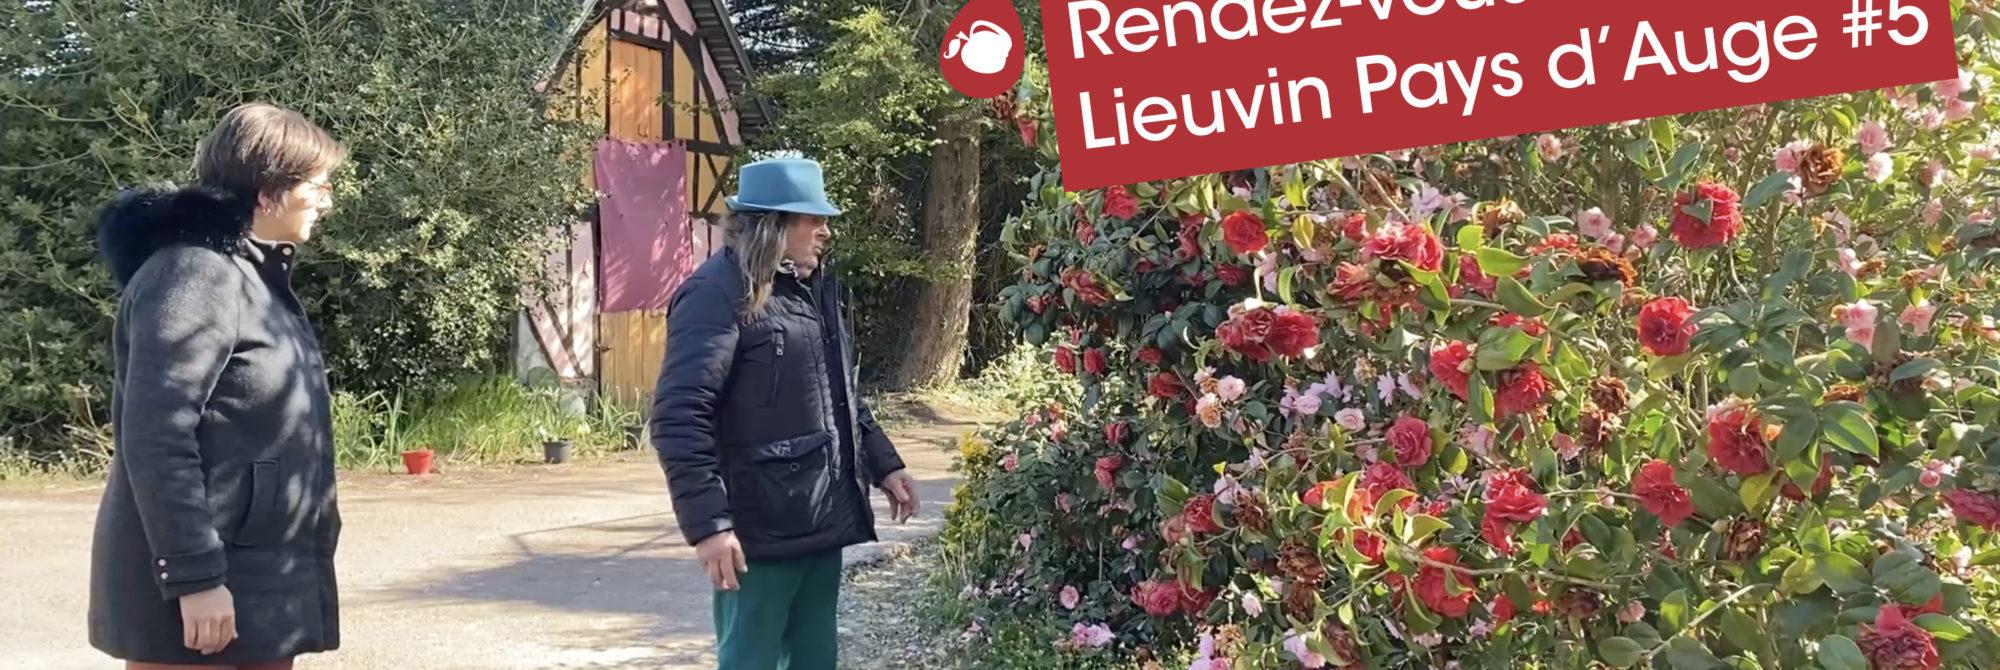 """Rendez-vous en Lieuvin Pays d'Auge #5 : Découverte du jardin """"Le Philadelphus"""" à Giverville  1"""